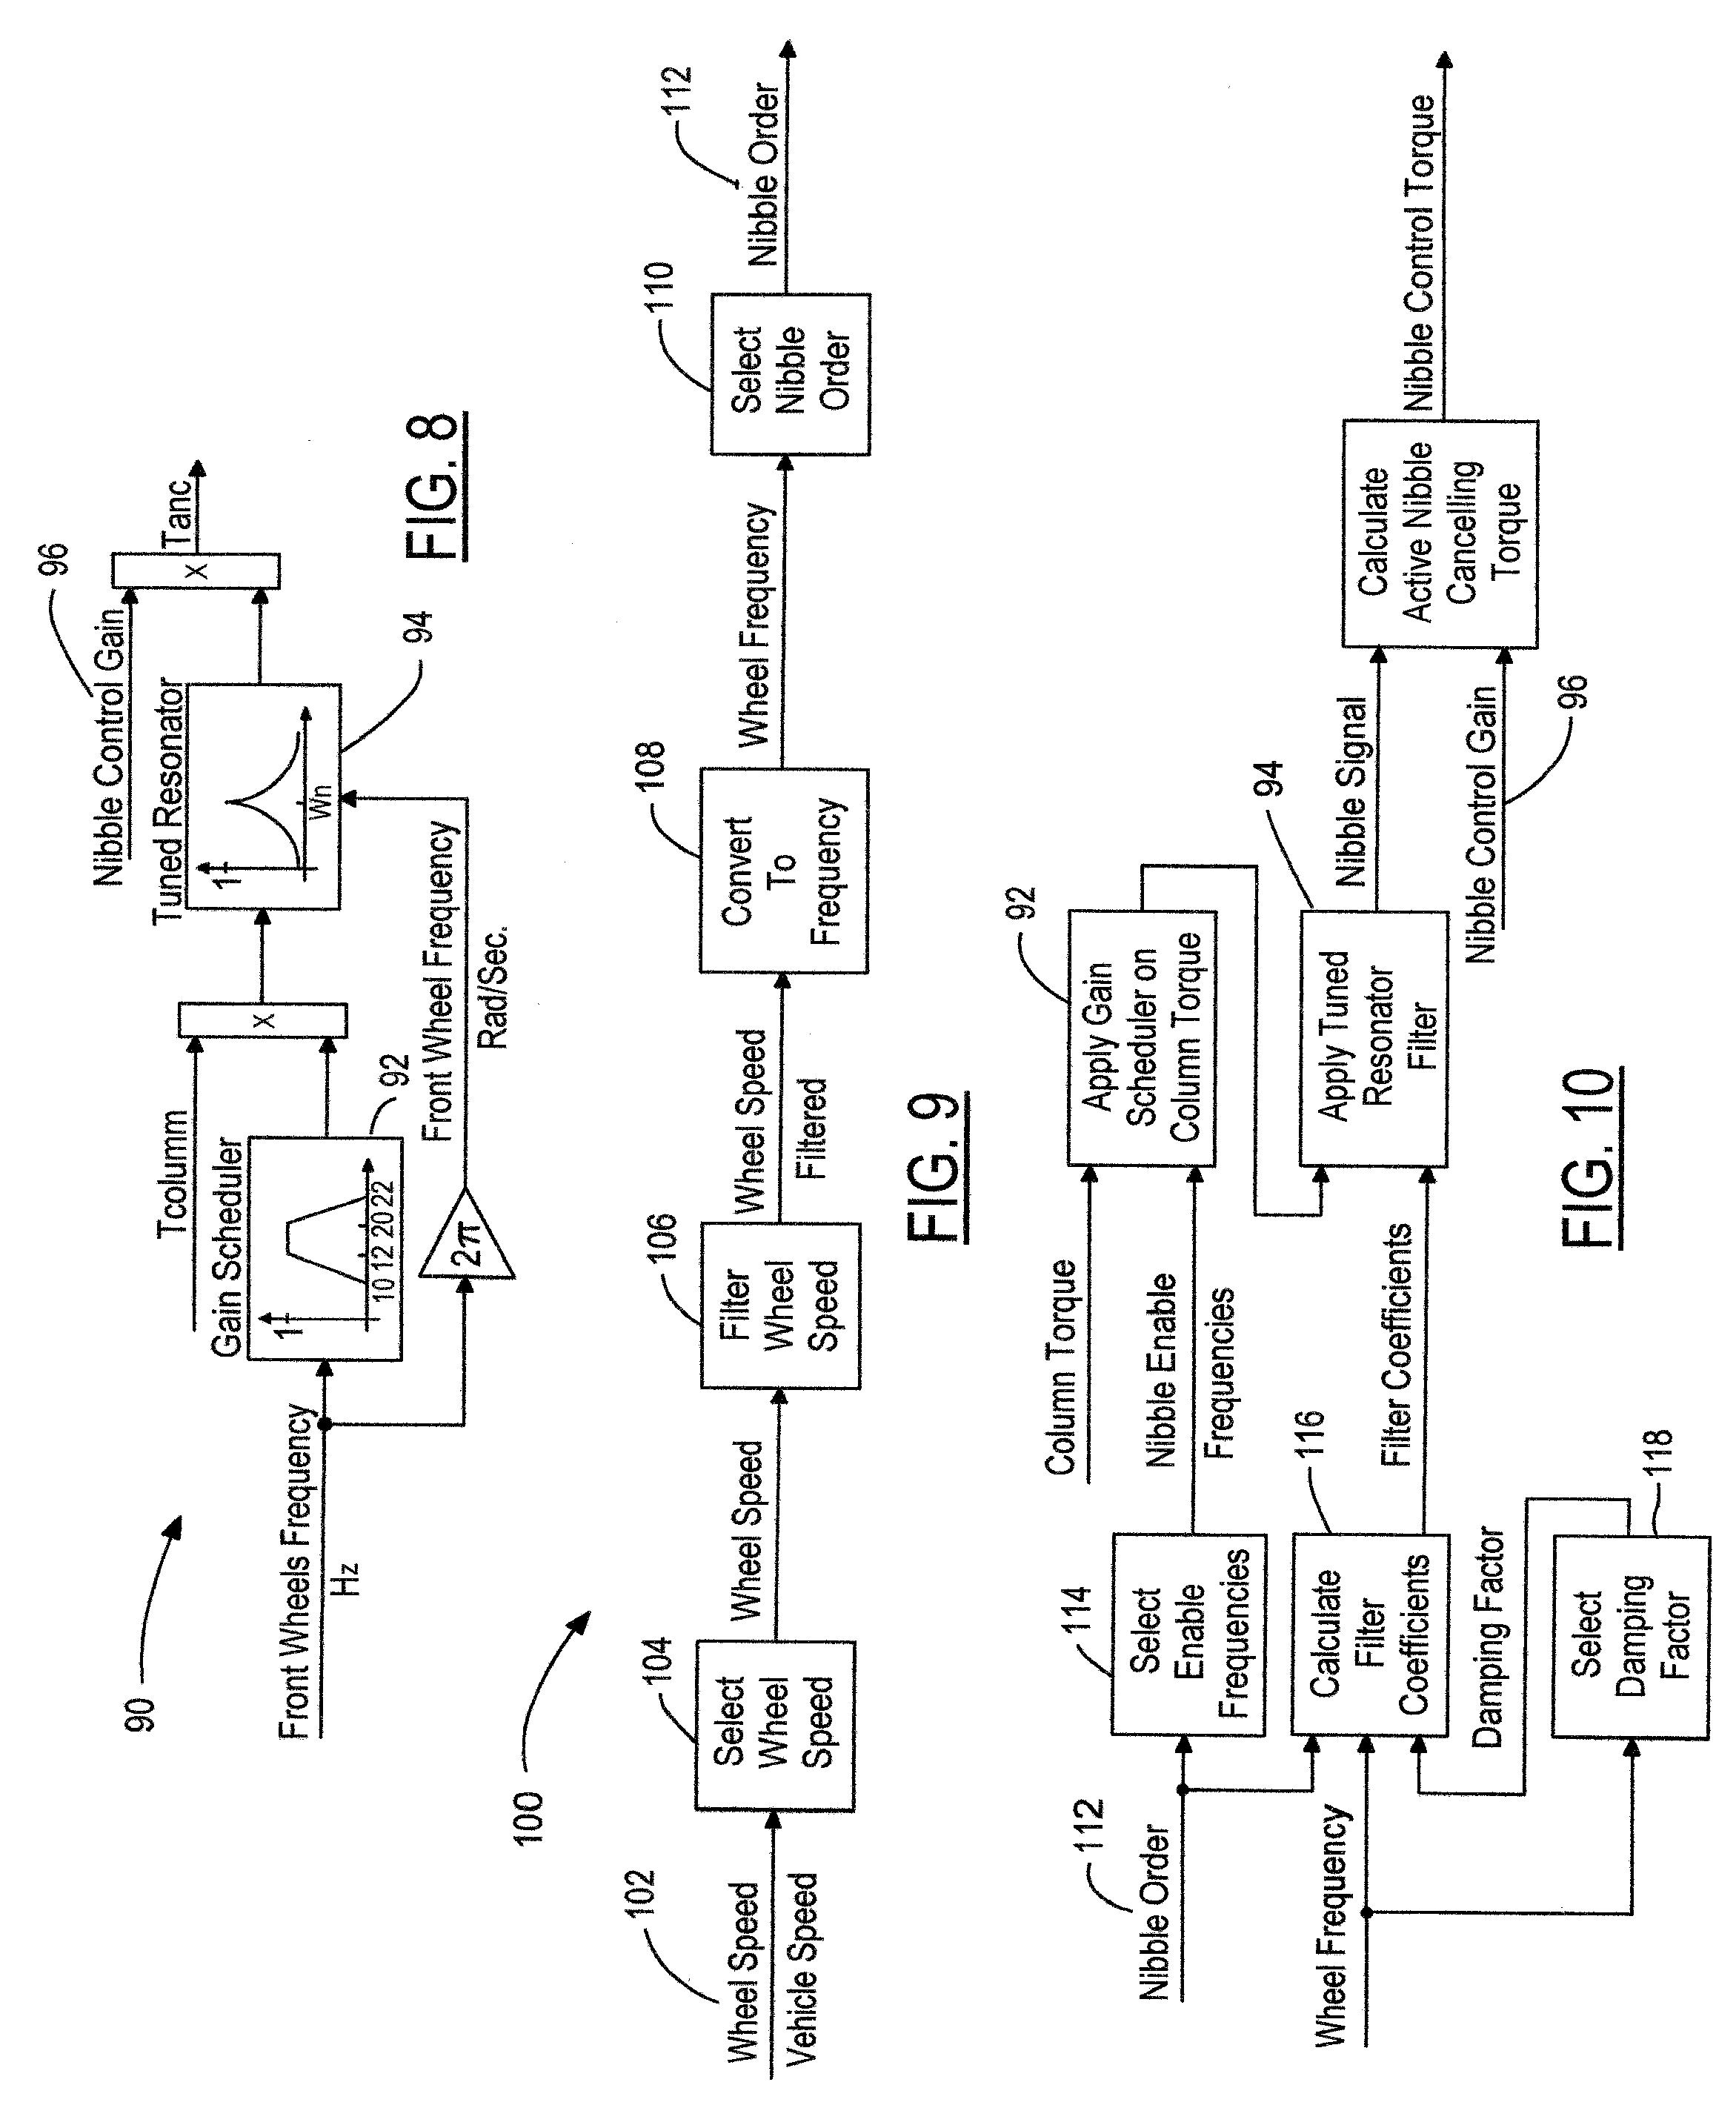 patent us20090125186